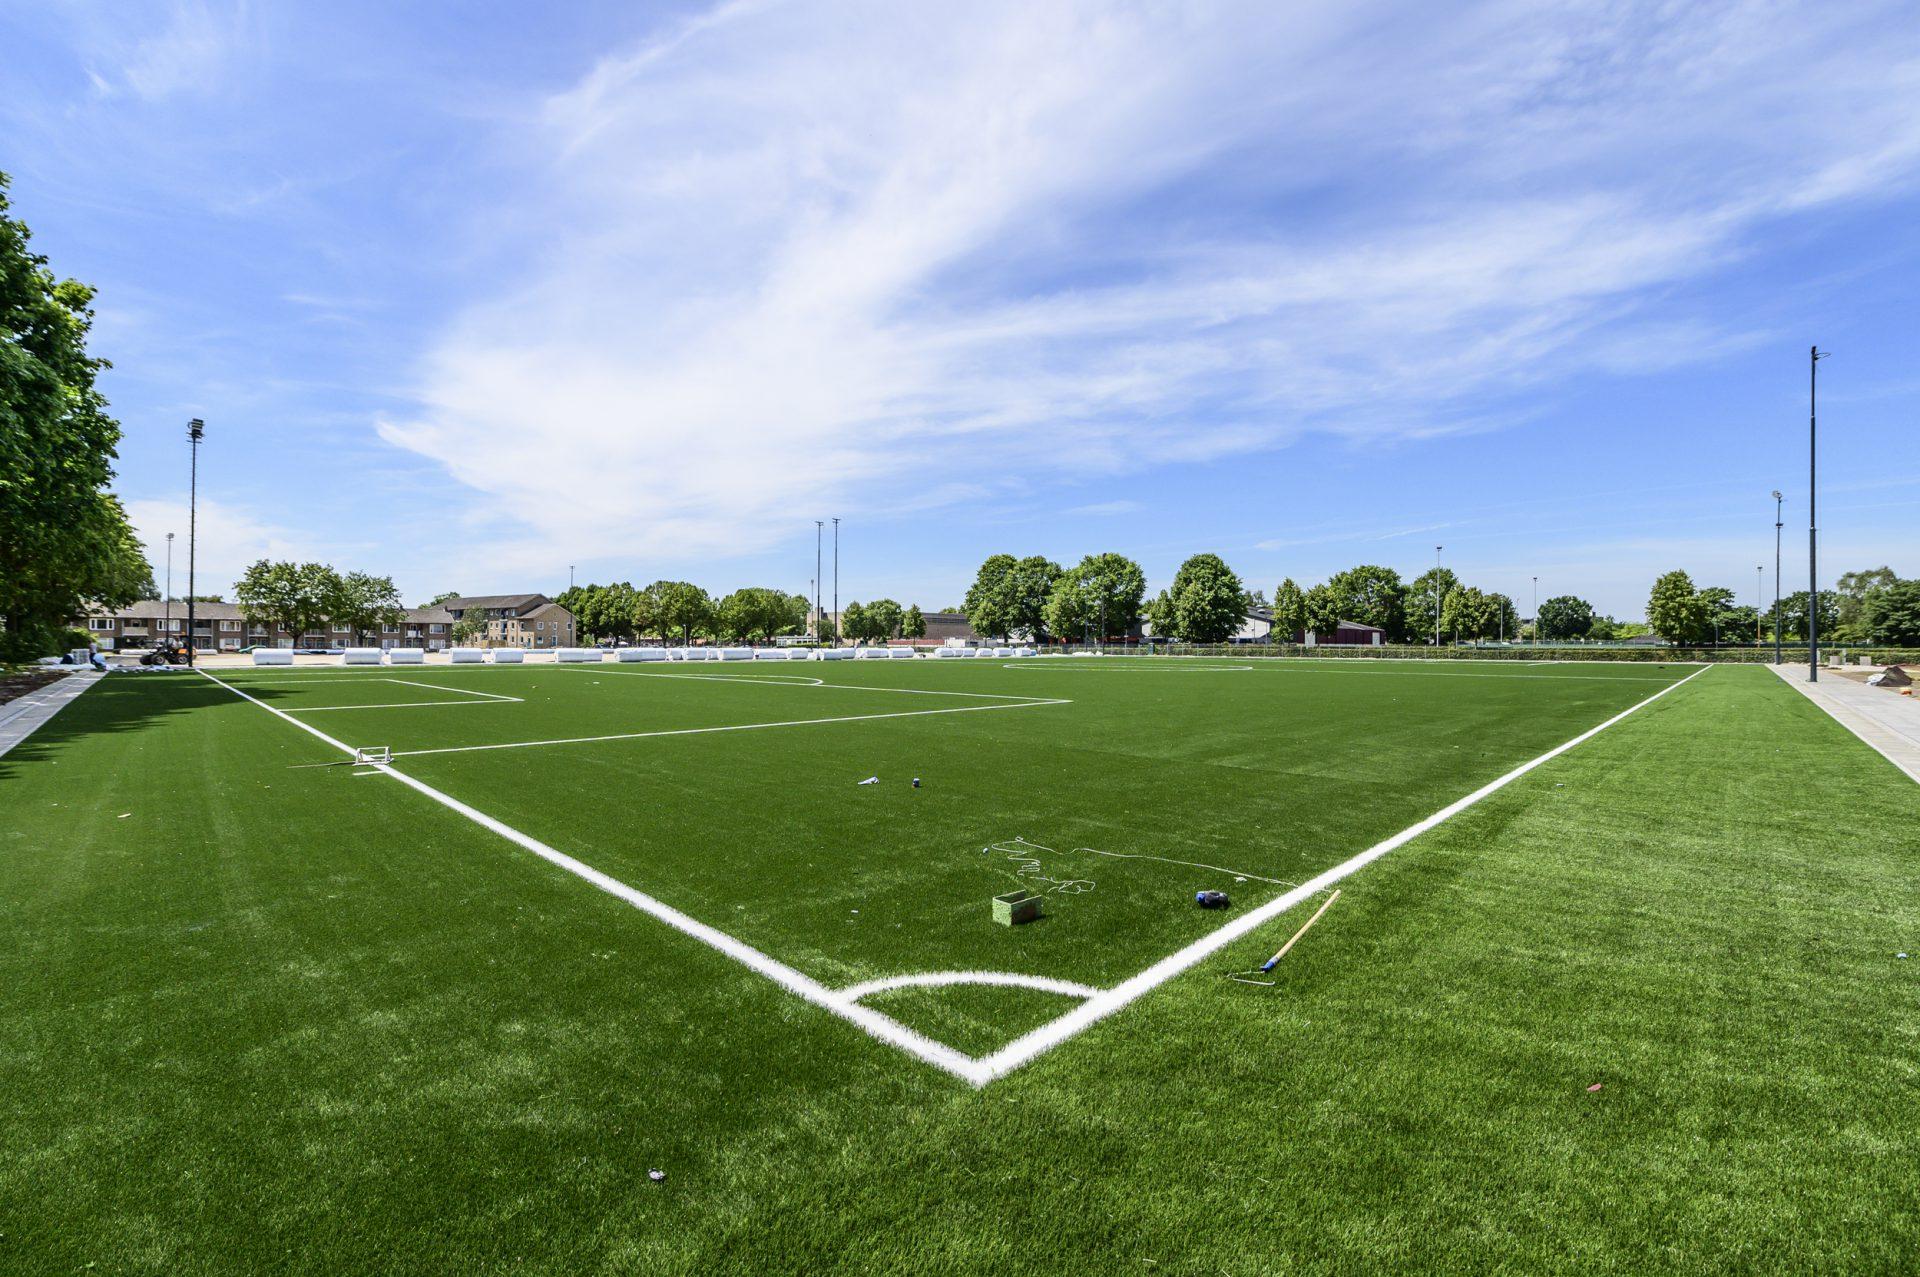 Hoek voetbalveld